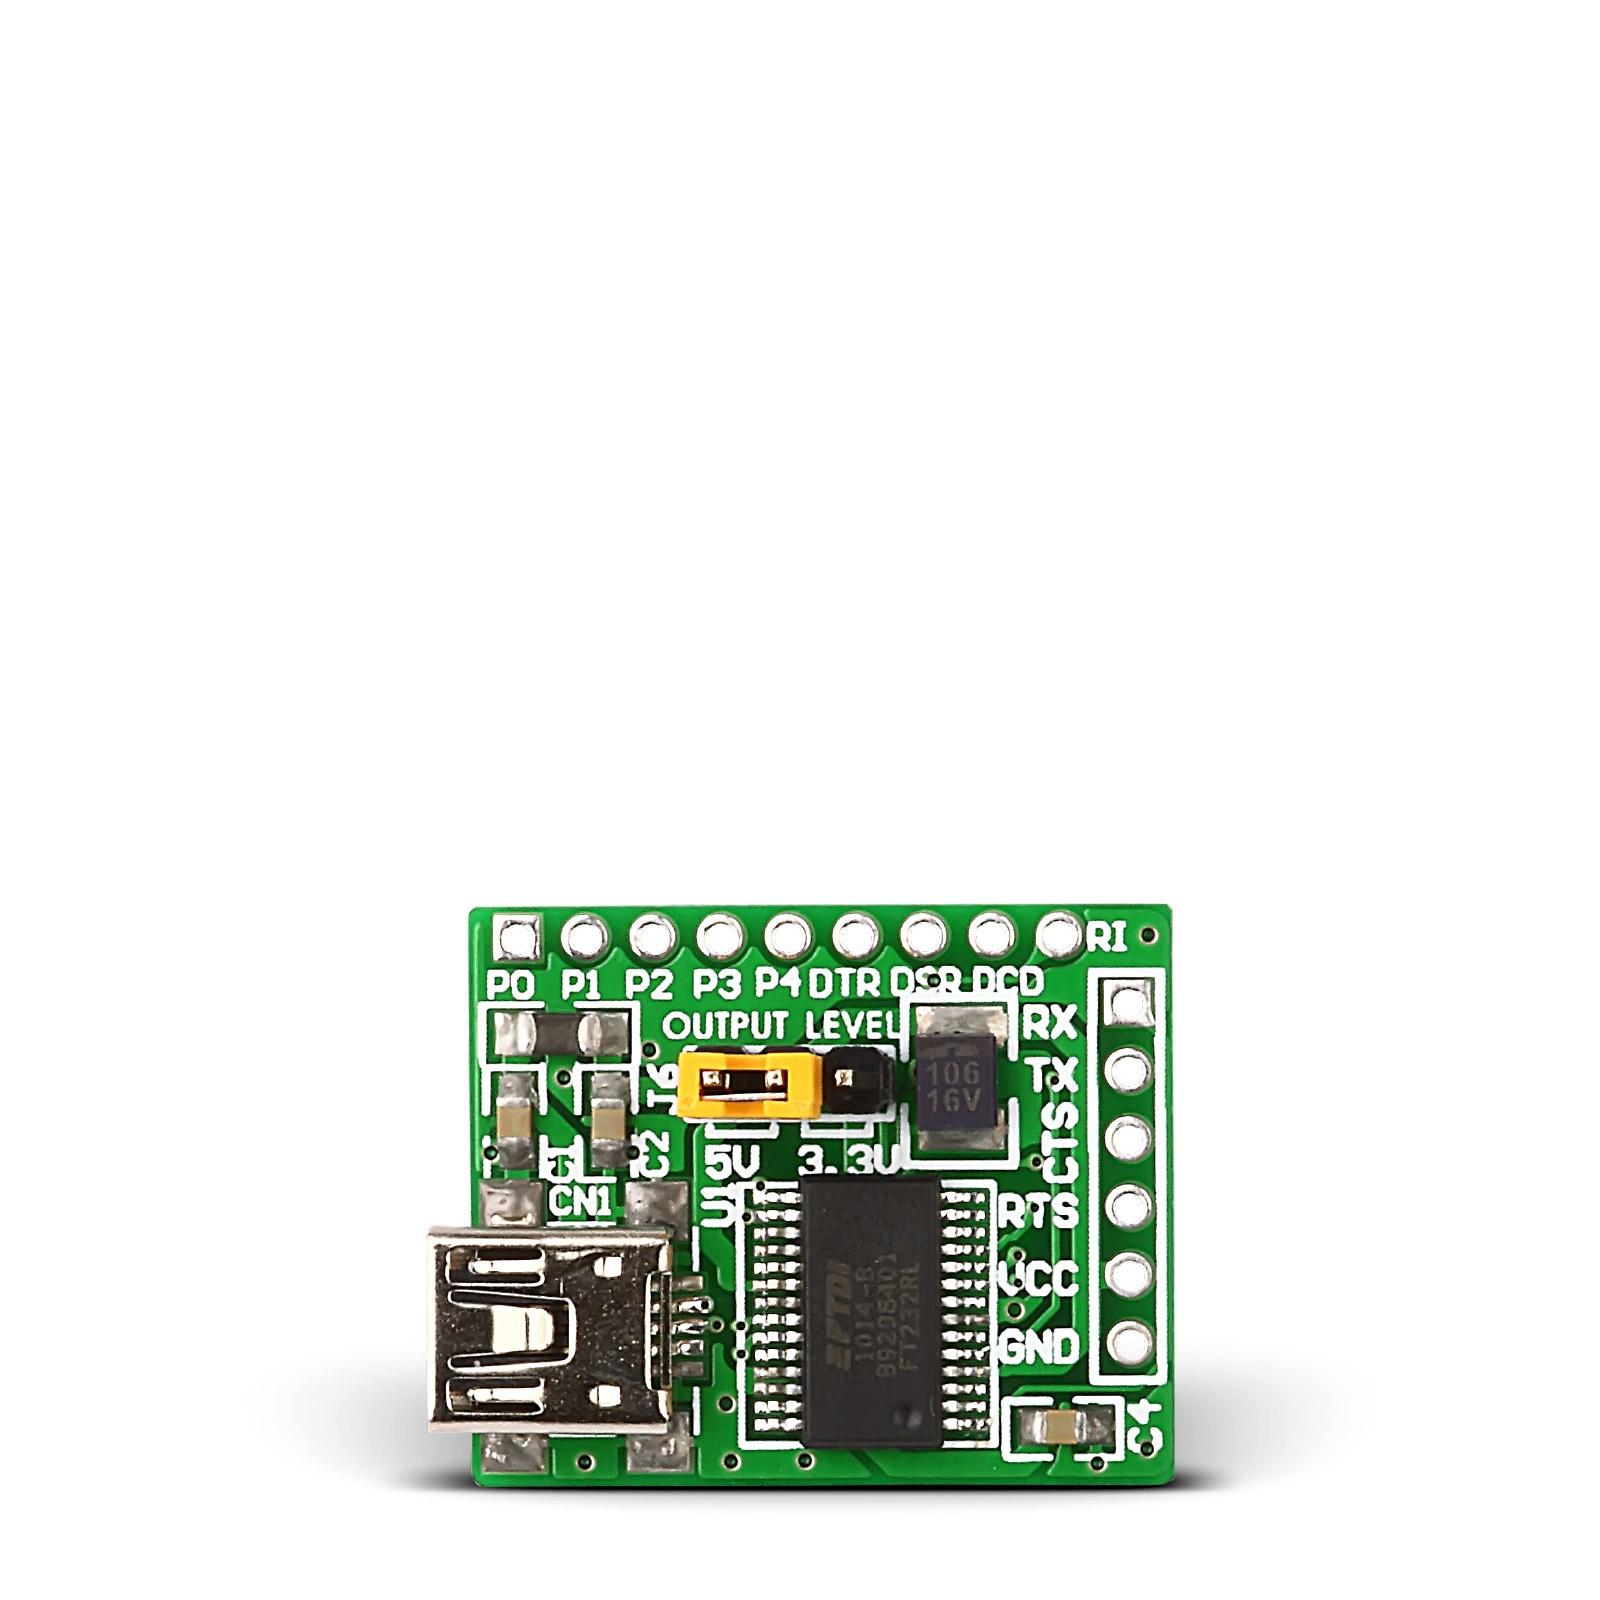 USB UART Board